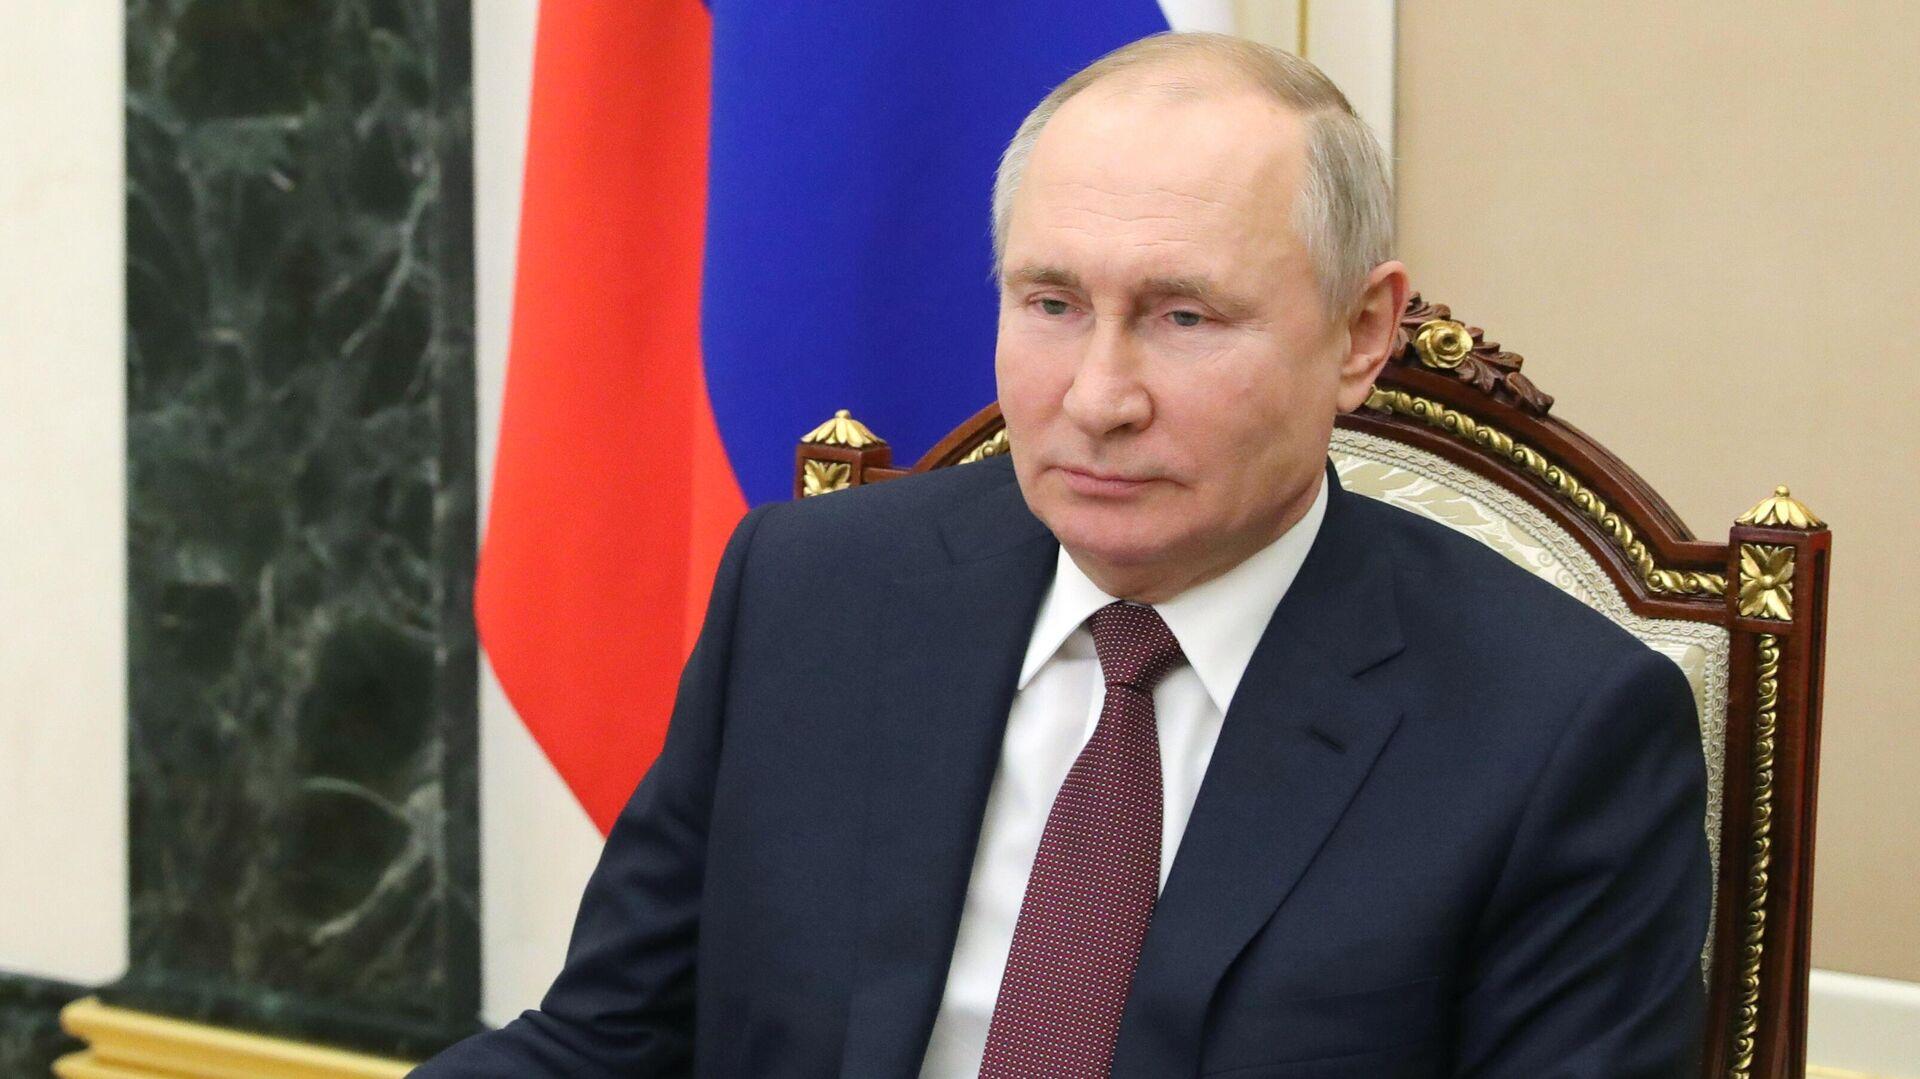 Президент РФ Владимир Путин проводит в режиме видеоконференции оперативное совещание с постоянными членами Совета безопасности РФ - РИА Новости, 1920, 08.02.2021